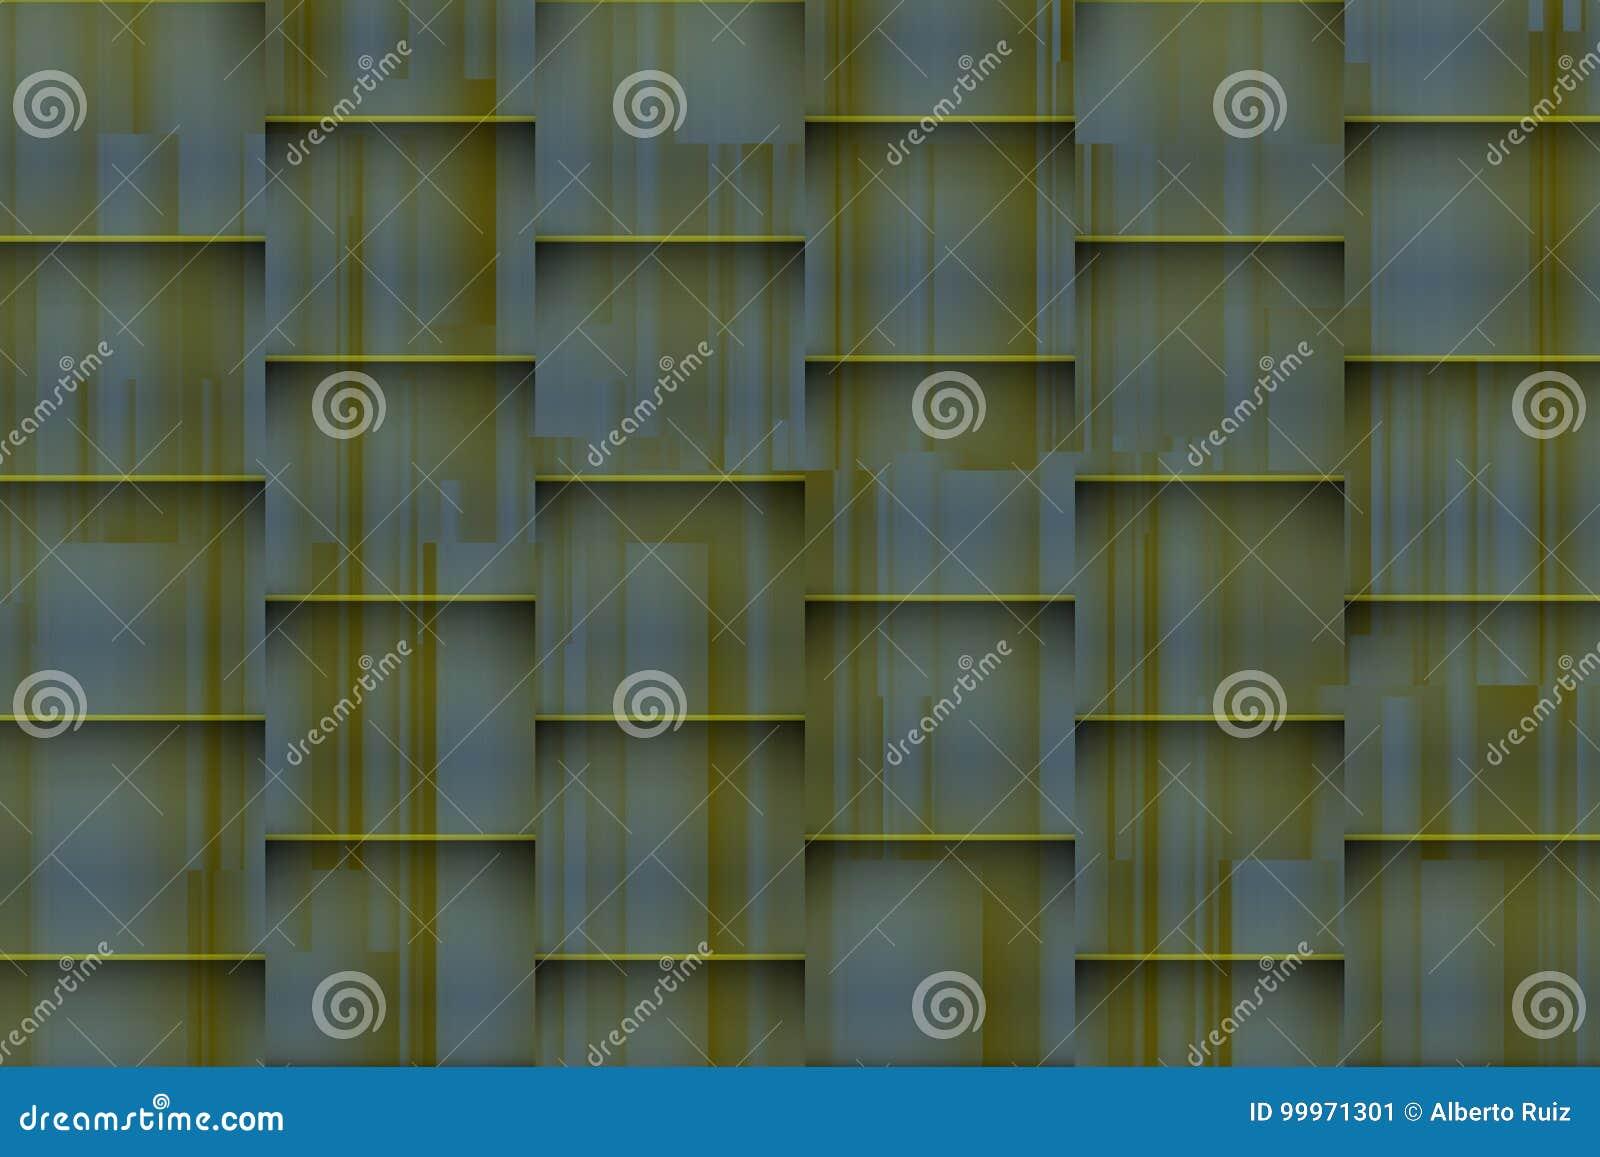 Fundo esverdeado distorcido com sombras 3d arquitetónicas